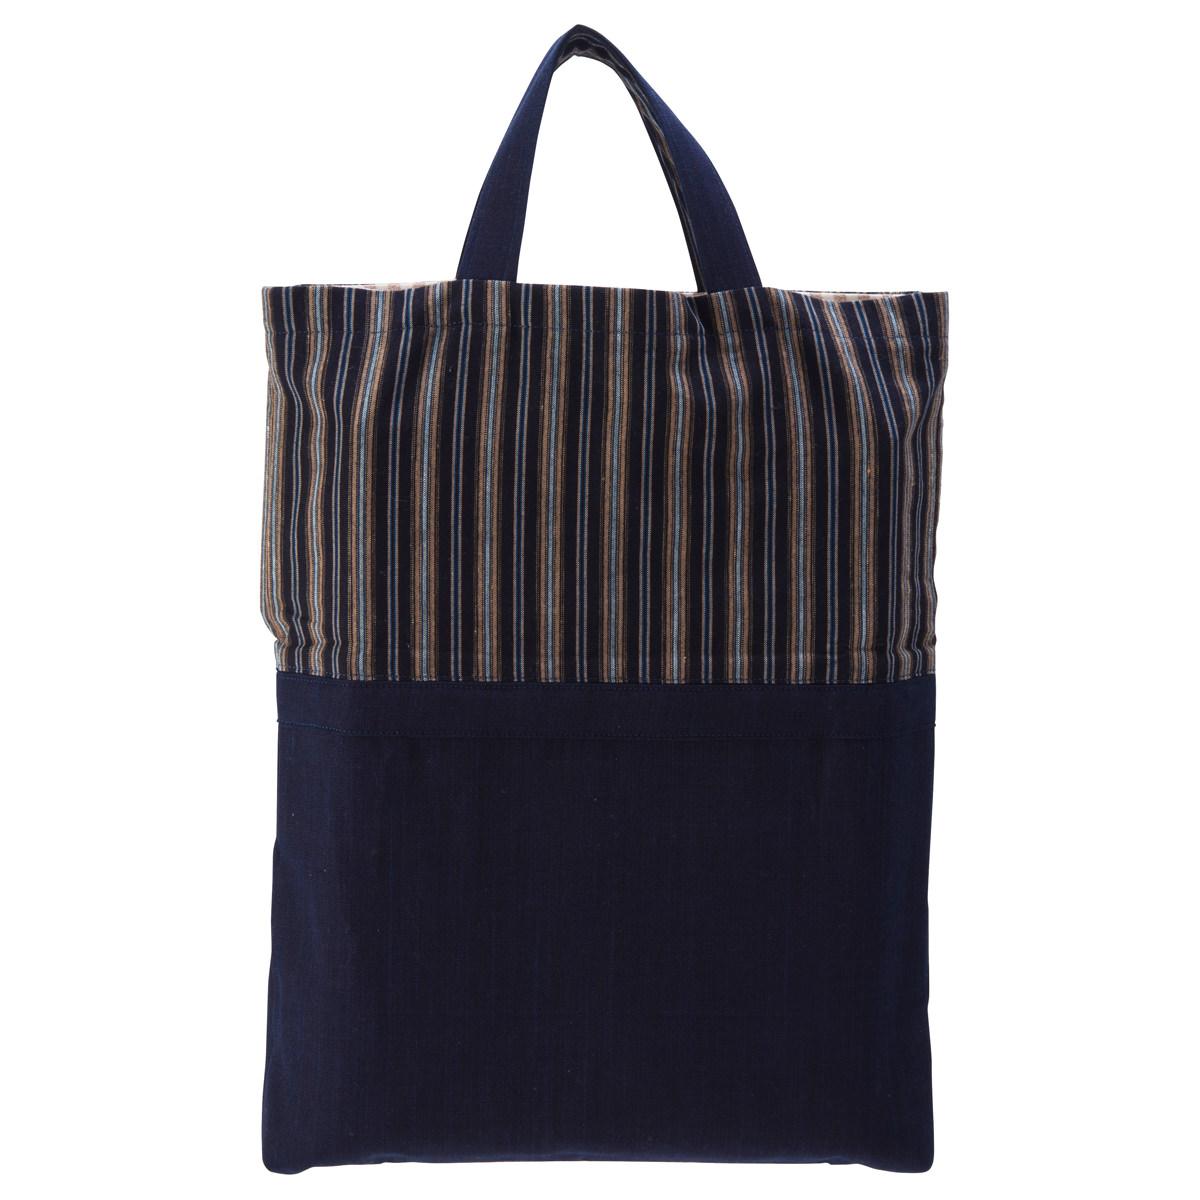 手織りバッグ 栞里の知多木綿 手提げバッグ 和風バッグ 和柄 BAG 和雑貨 トートバッグ ハンドバッグ 縦型 栞里 愛知県 送料無料